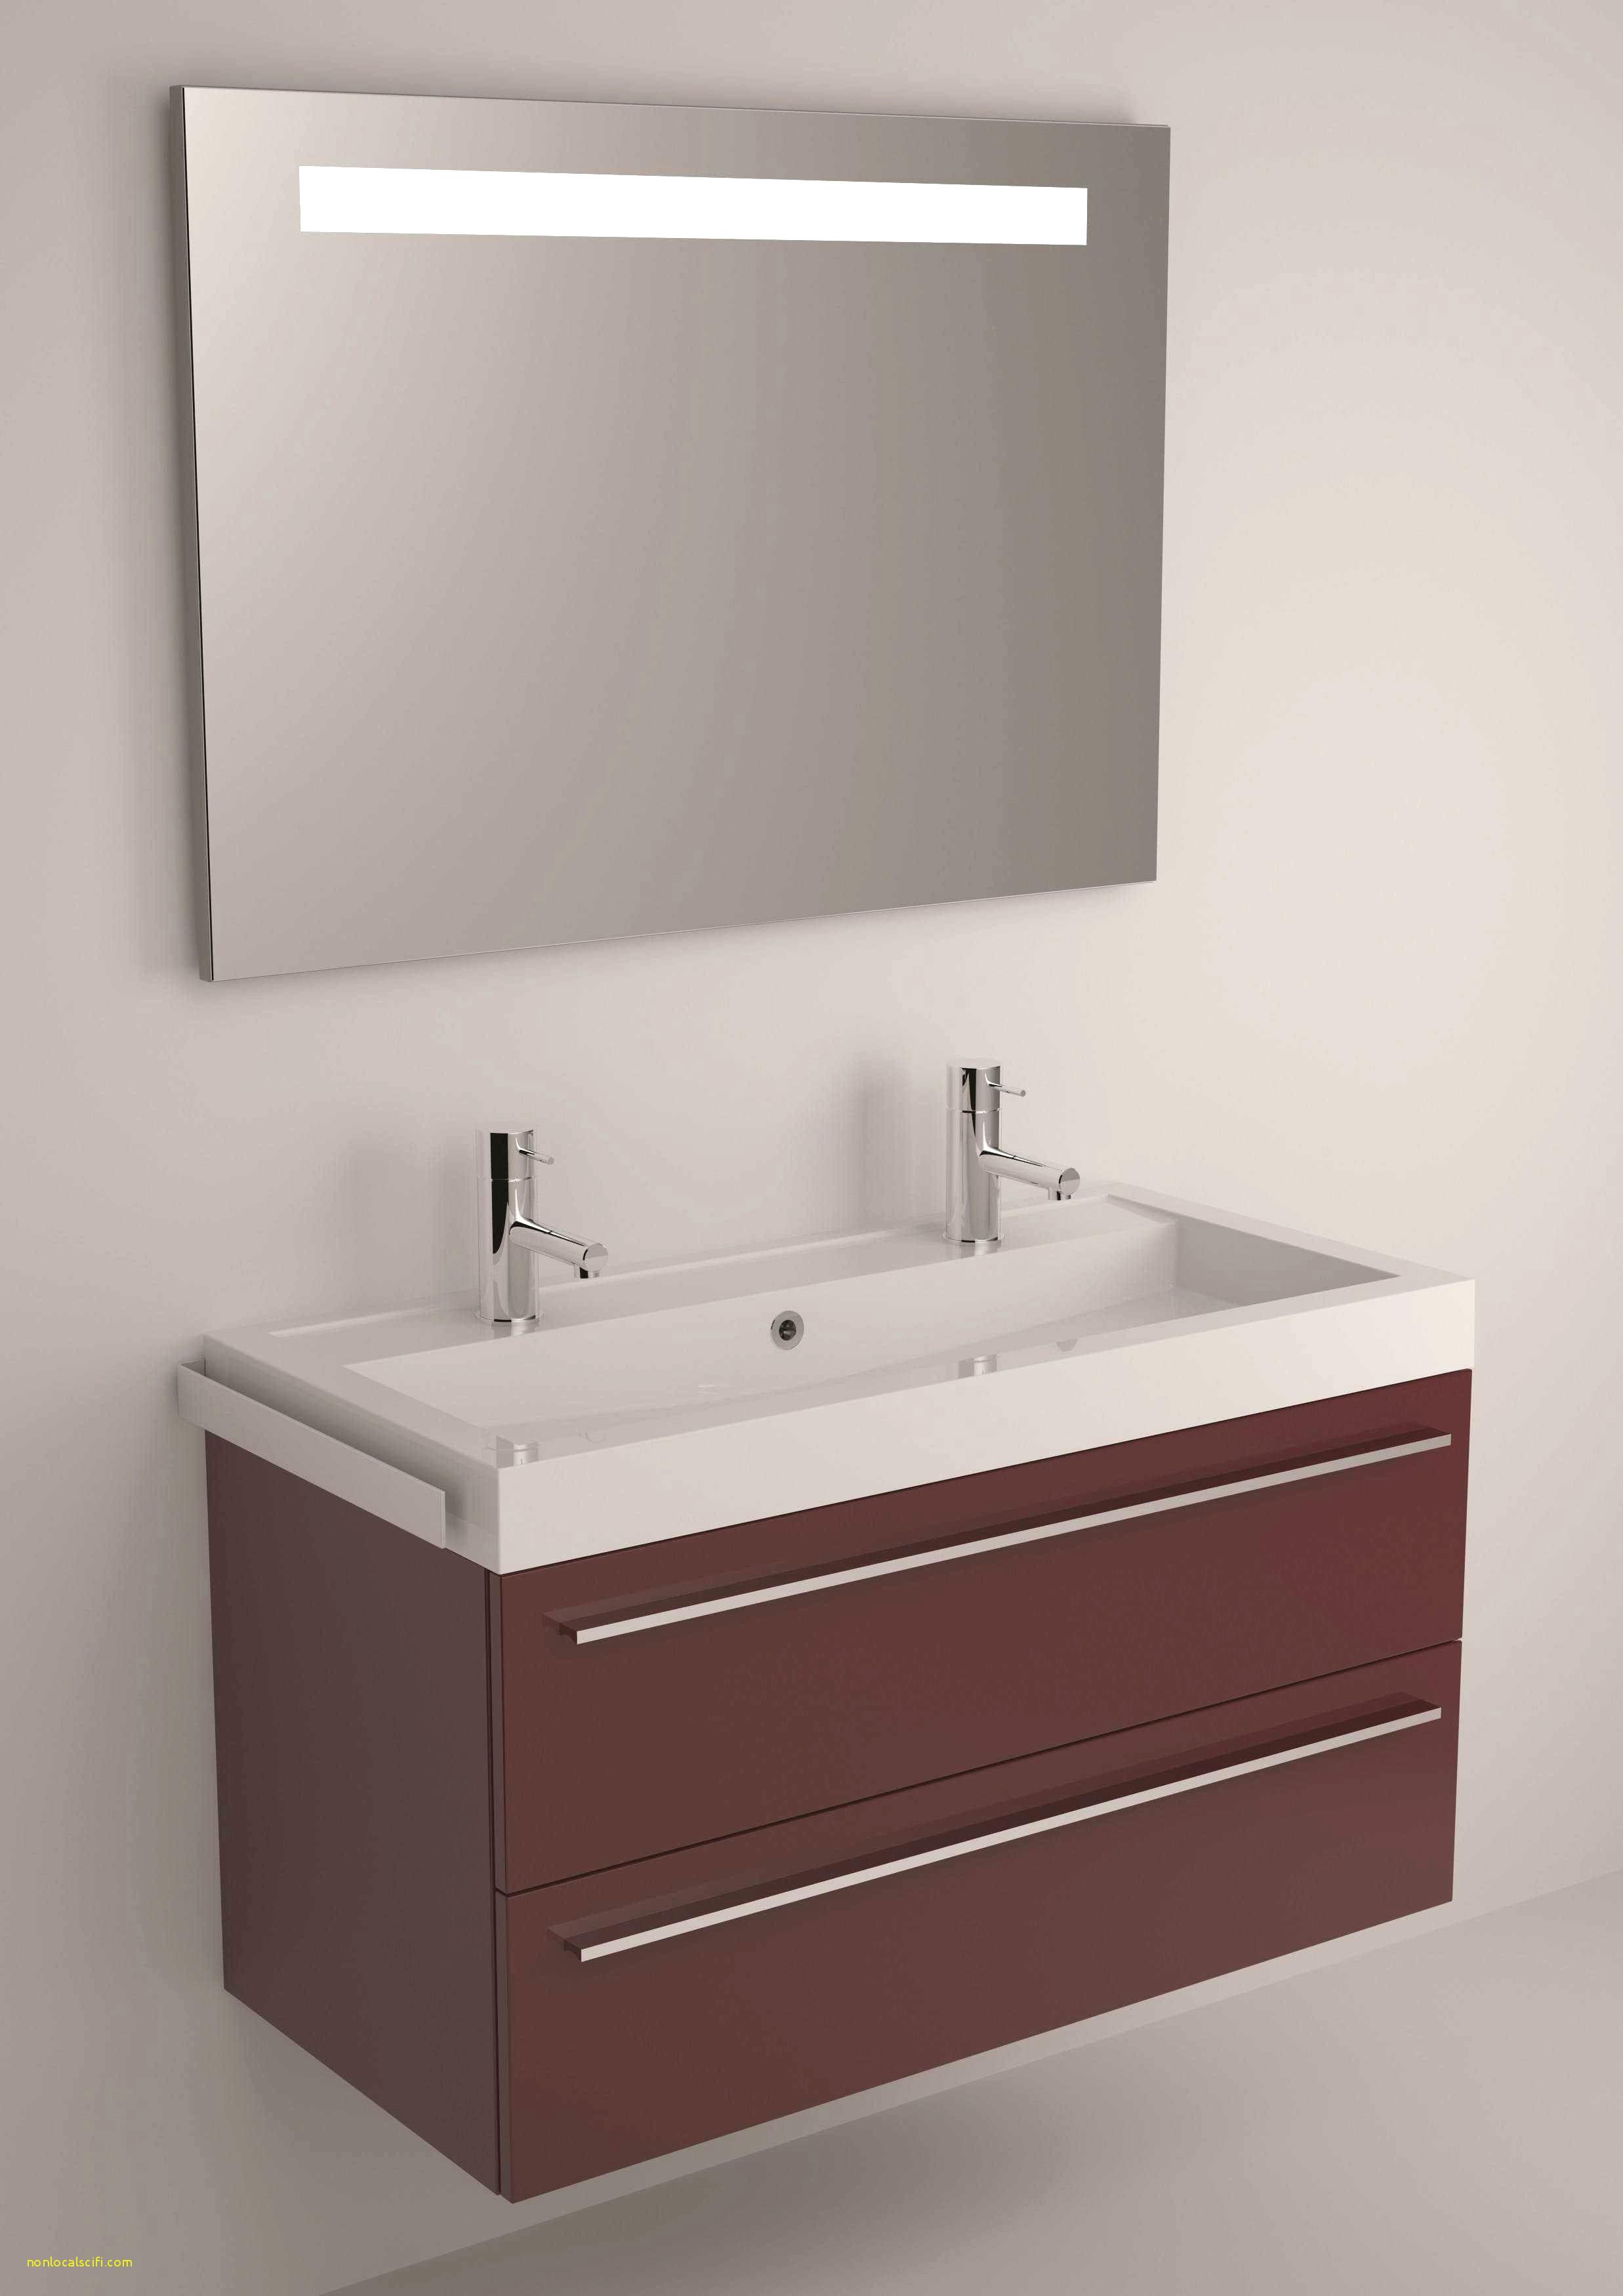 Vasque Encastrable Salle De Bain Ikea Inspirant Collection Résultat Supérieur 96 élégant Meuble Salle De Bain Simple Pic 2018